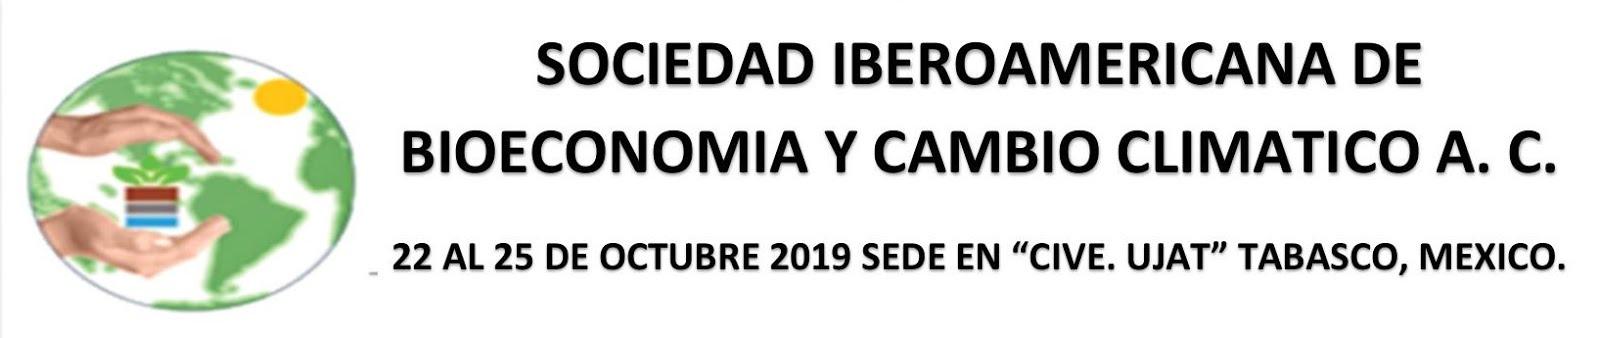 SEGUNDO CONGRESO IBEROAMERICANO DE BIOECONOMÍA Y CAMBIO CLÍMATICO 2018